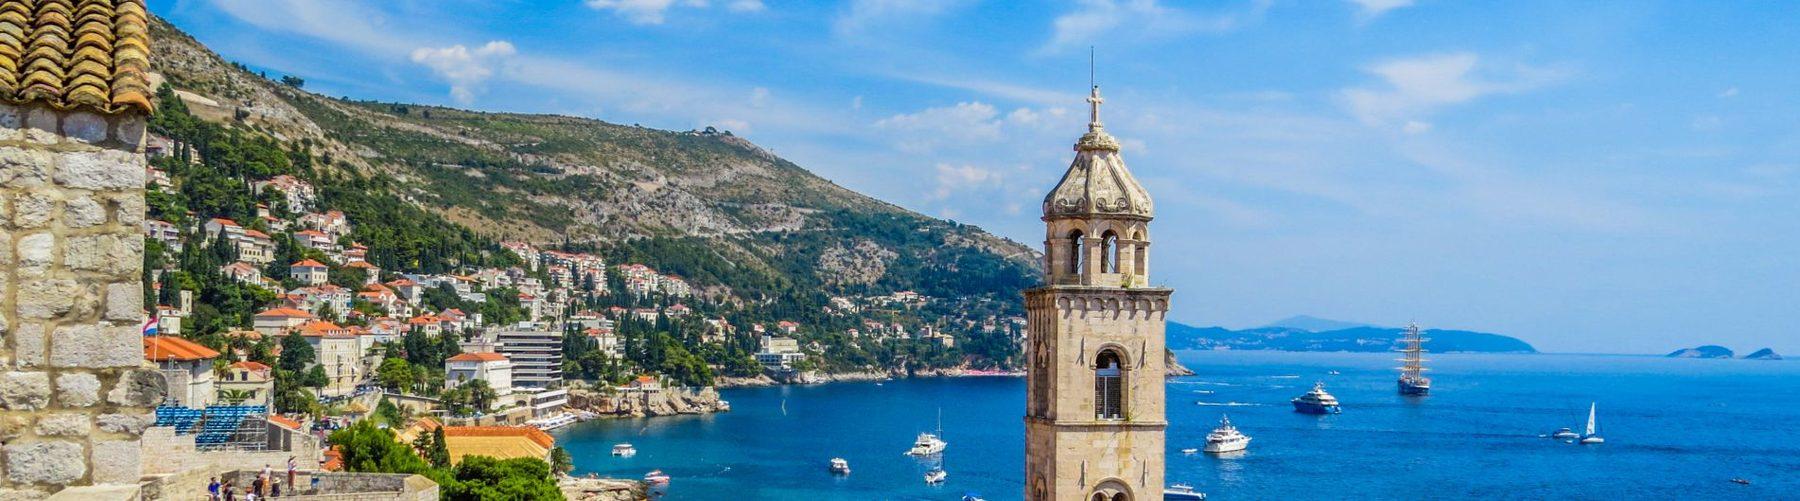 Exploring Dubrovnik, Croatia